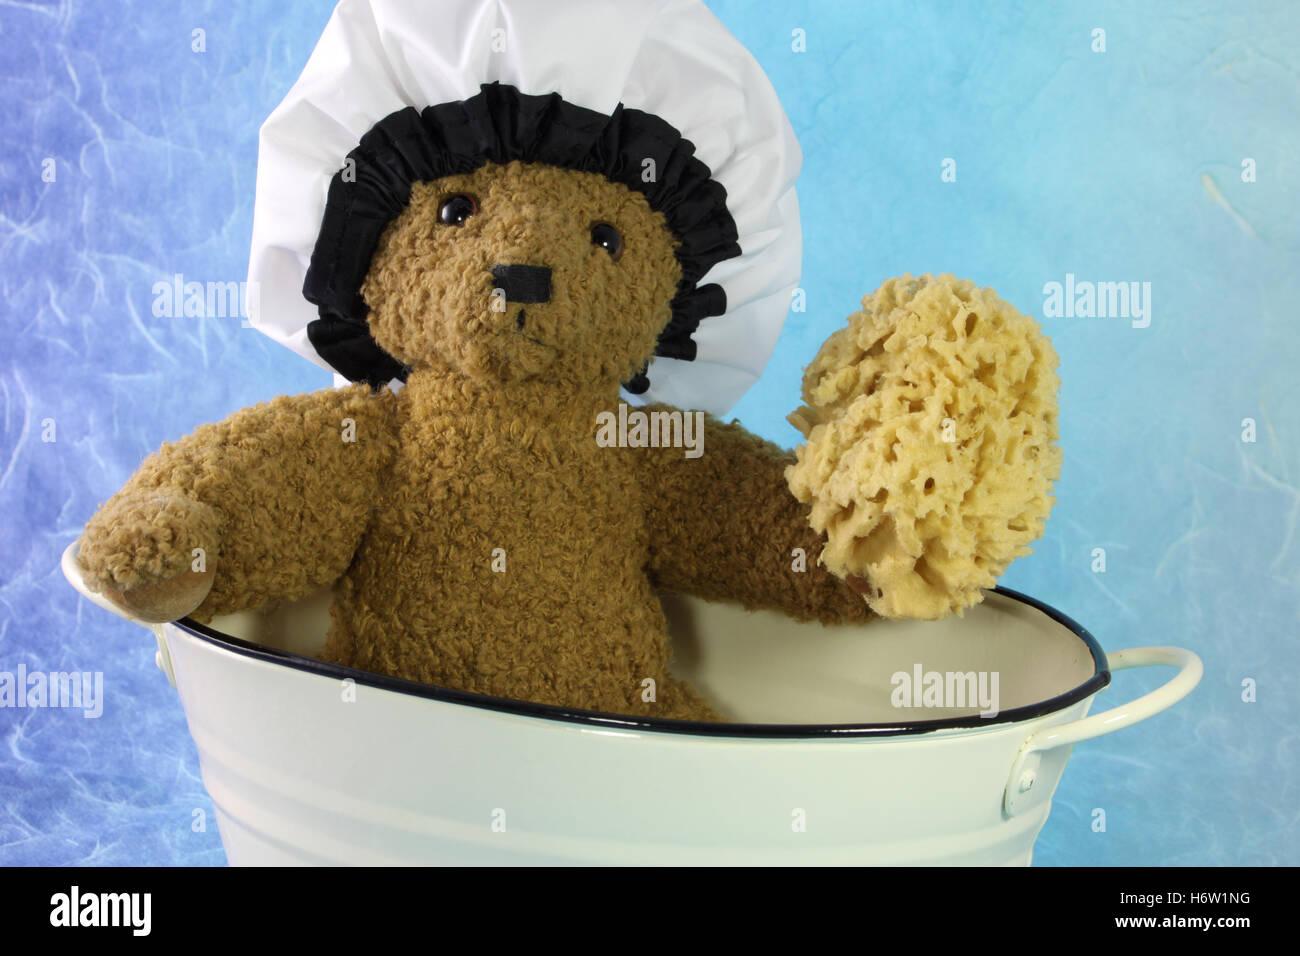 toy teddy teddy bear teddybear bath tub tub bathtub comforter pictogram symbol pictograph trade symbol friend spa Stock Photo